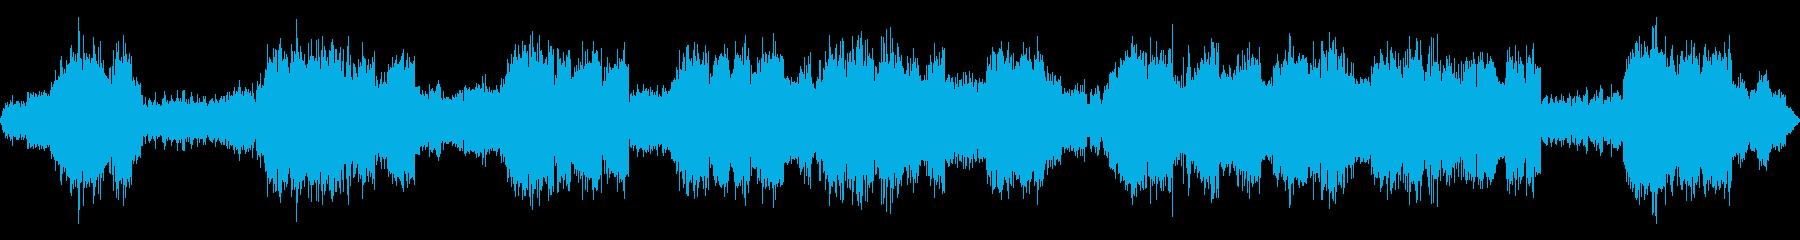 蛙、雨【夏、夜】の再生済みの波形